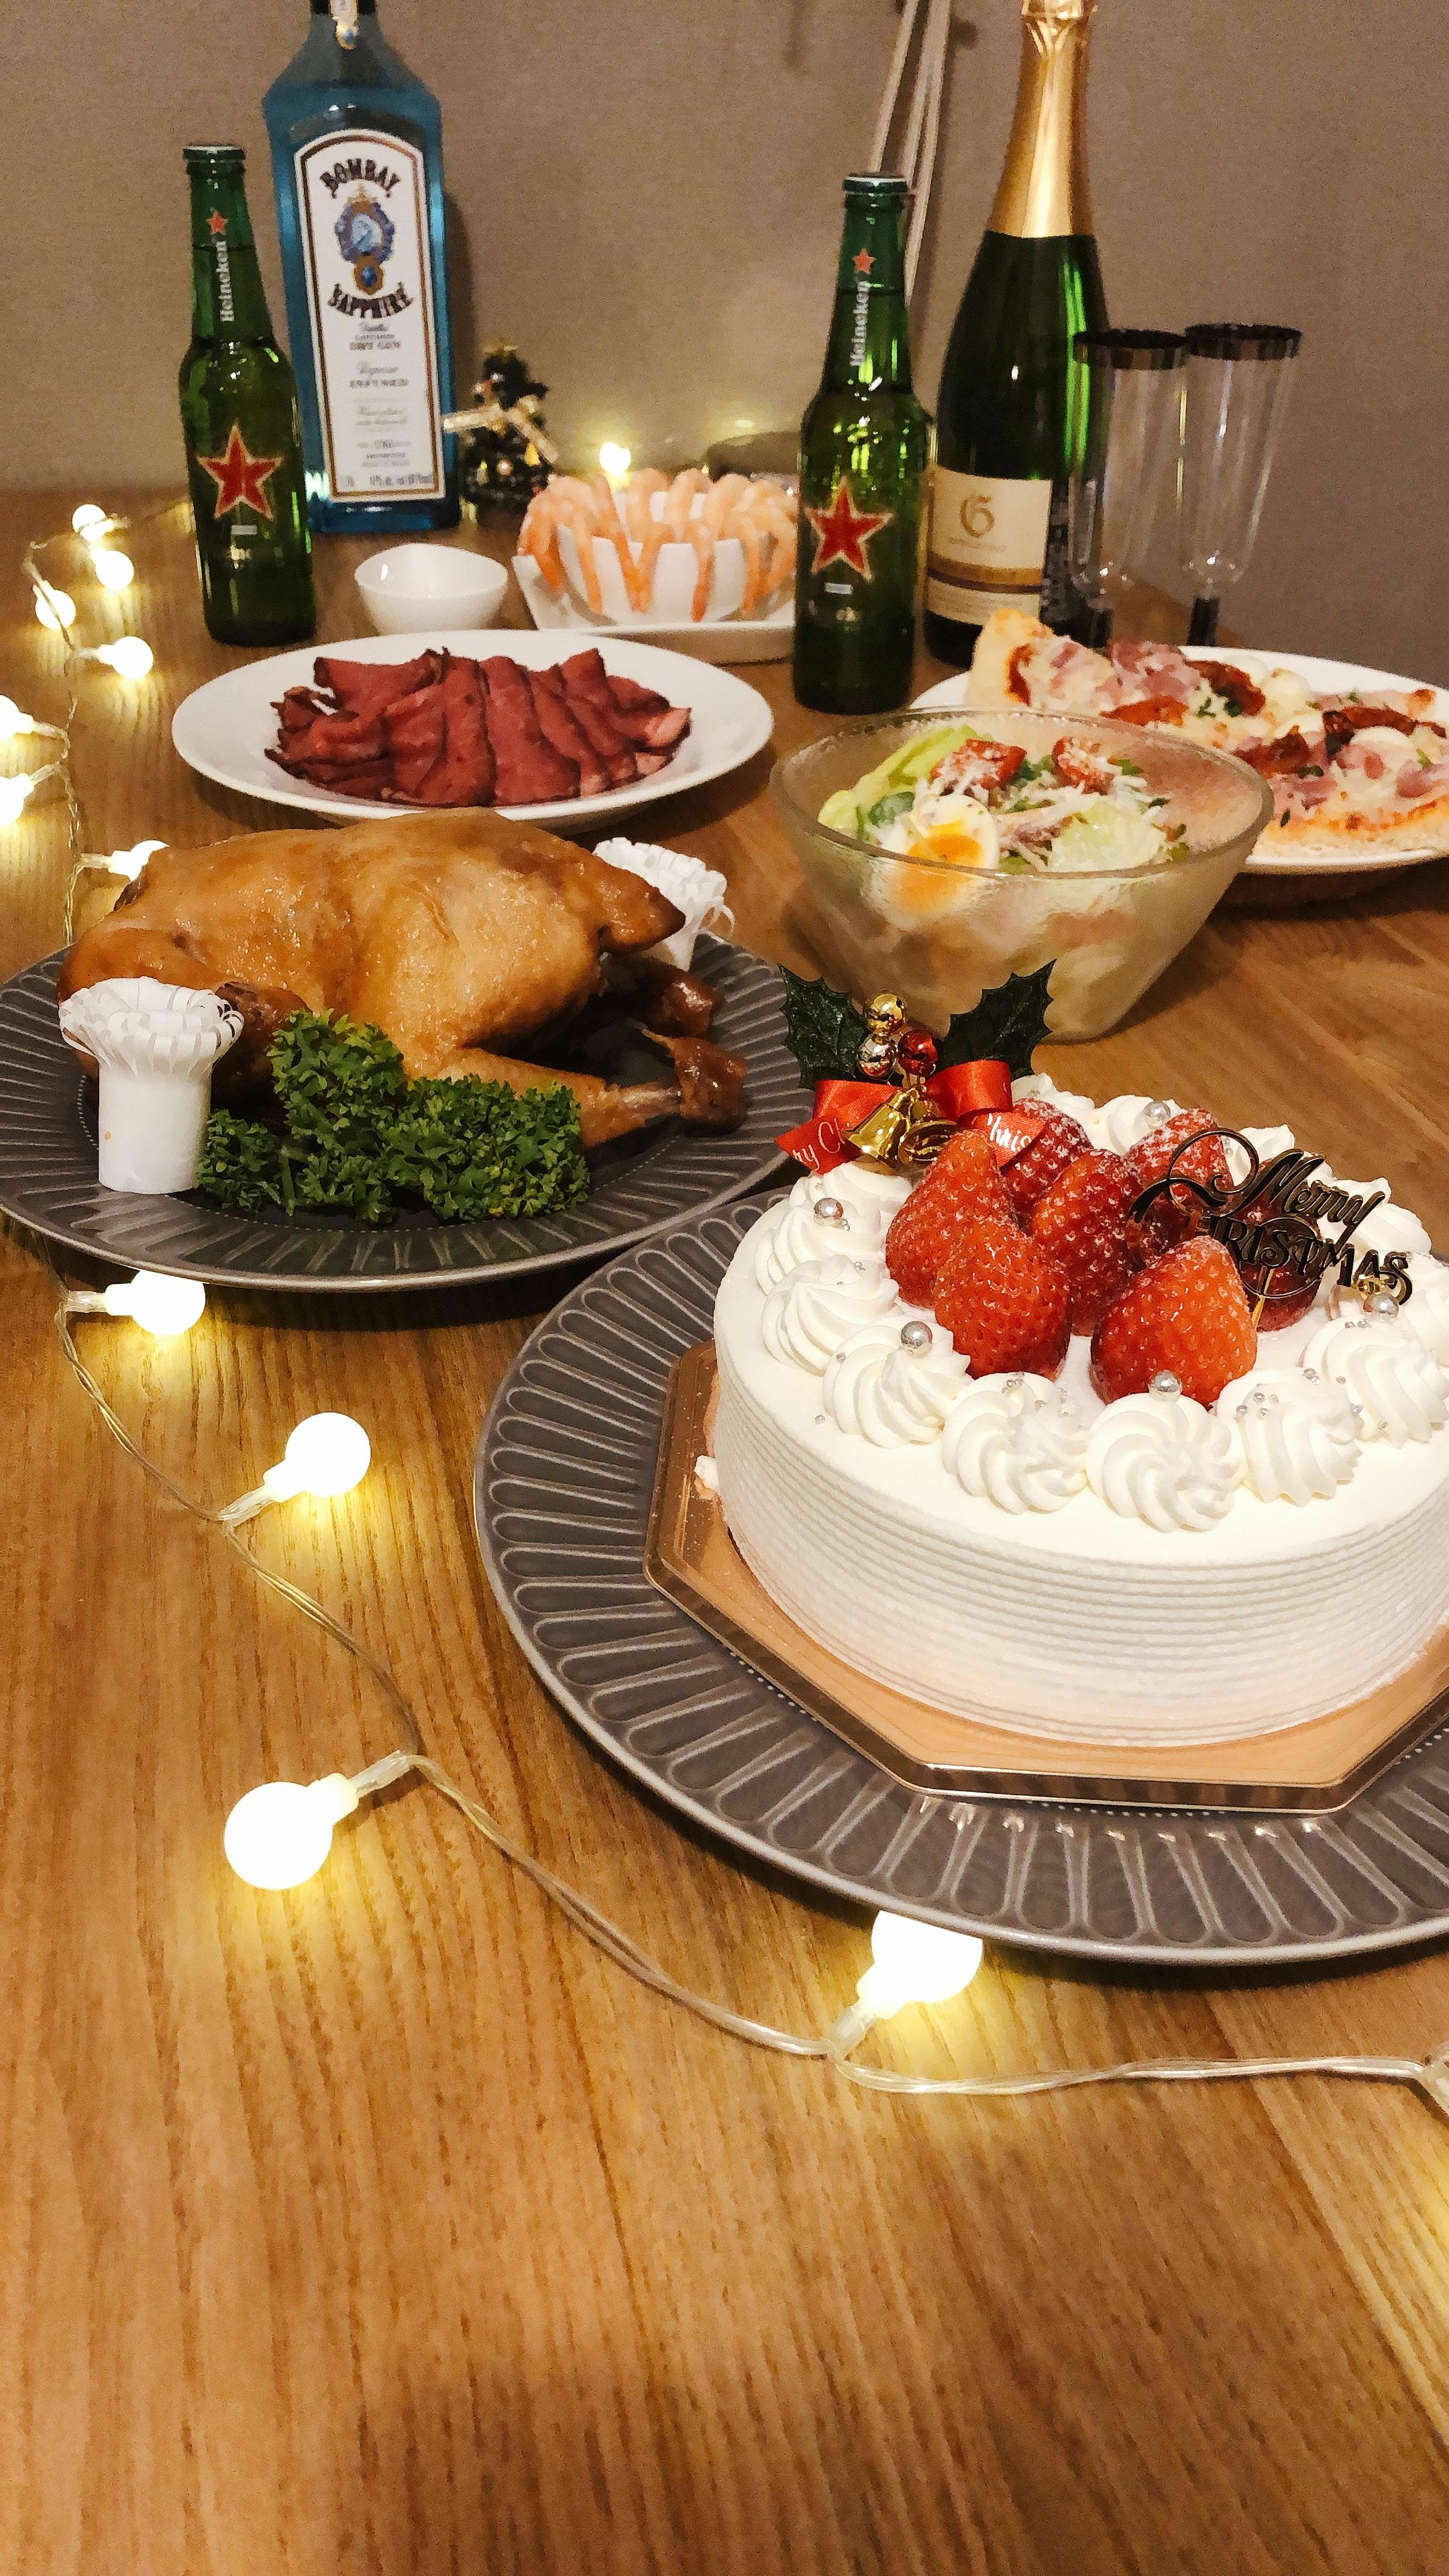 おうちで過ごすクリスマス!ウエスティンホテル東京のストロベリーショートケーキで華やかに_1